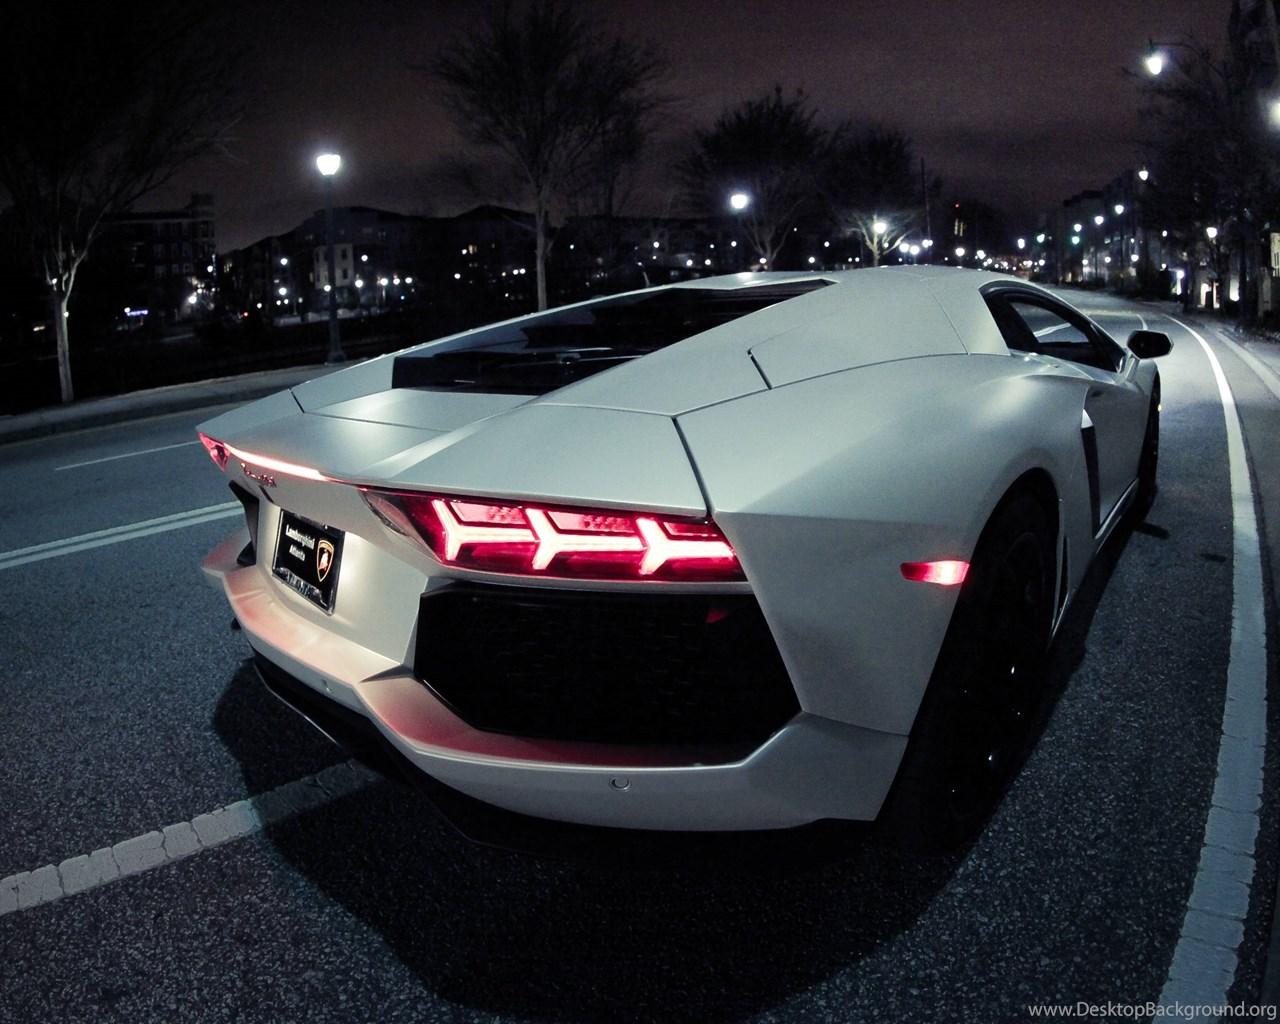 2048x2048 2018 Lamborghini Aventador Svj 4k Ipad Air Hd 4k: Lamborghini Aventador Wallpapers Desktop Background